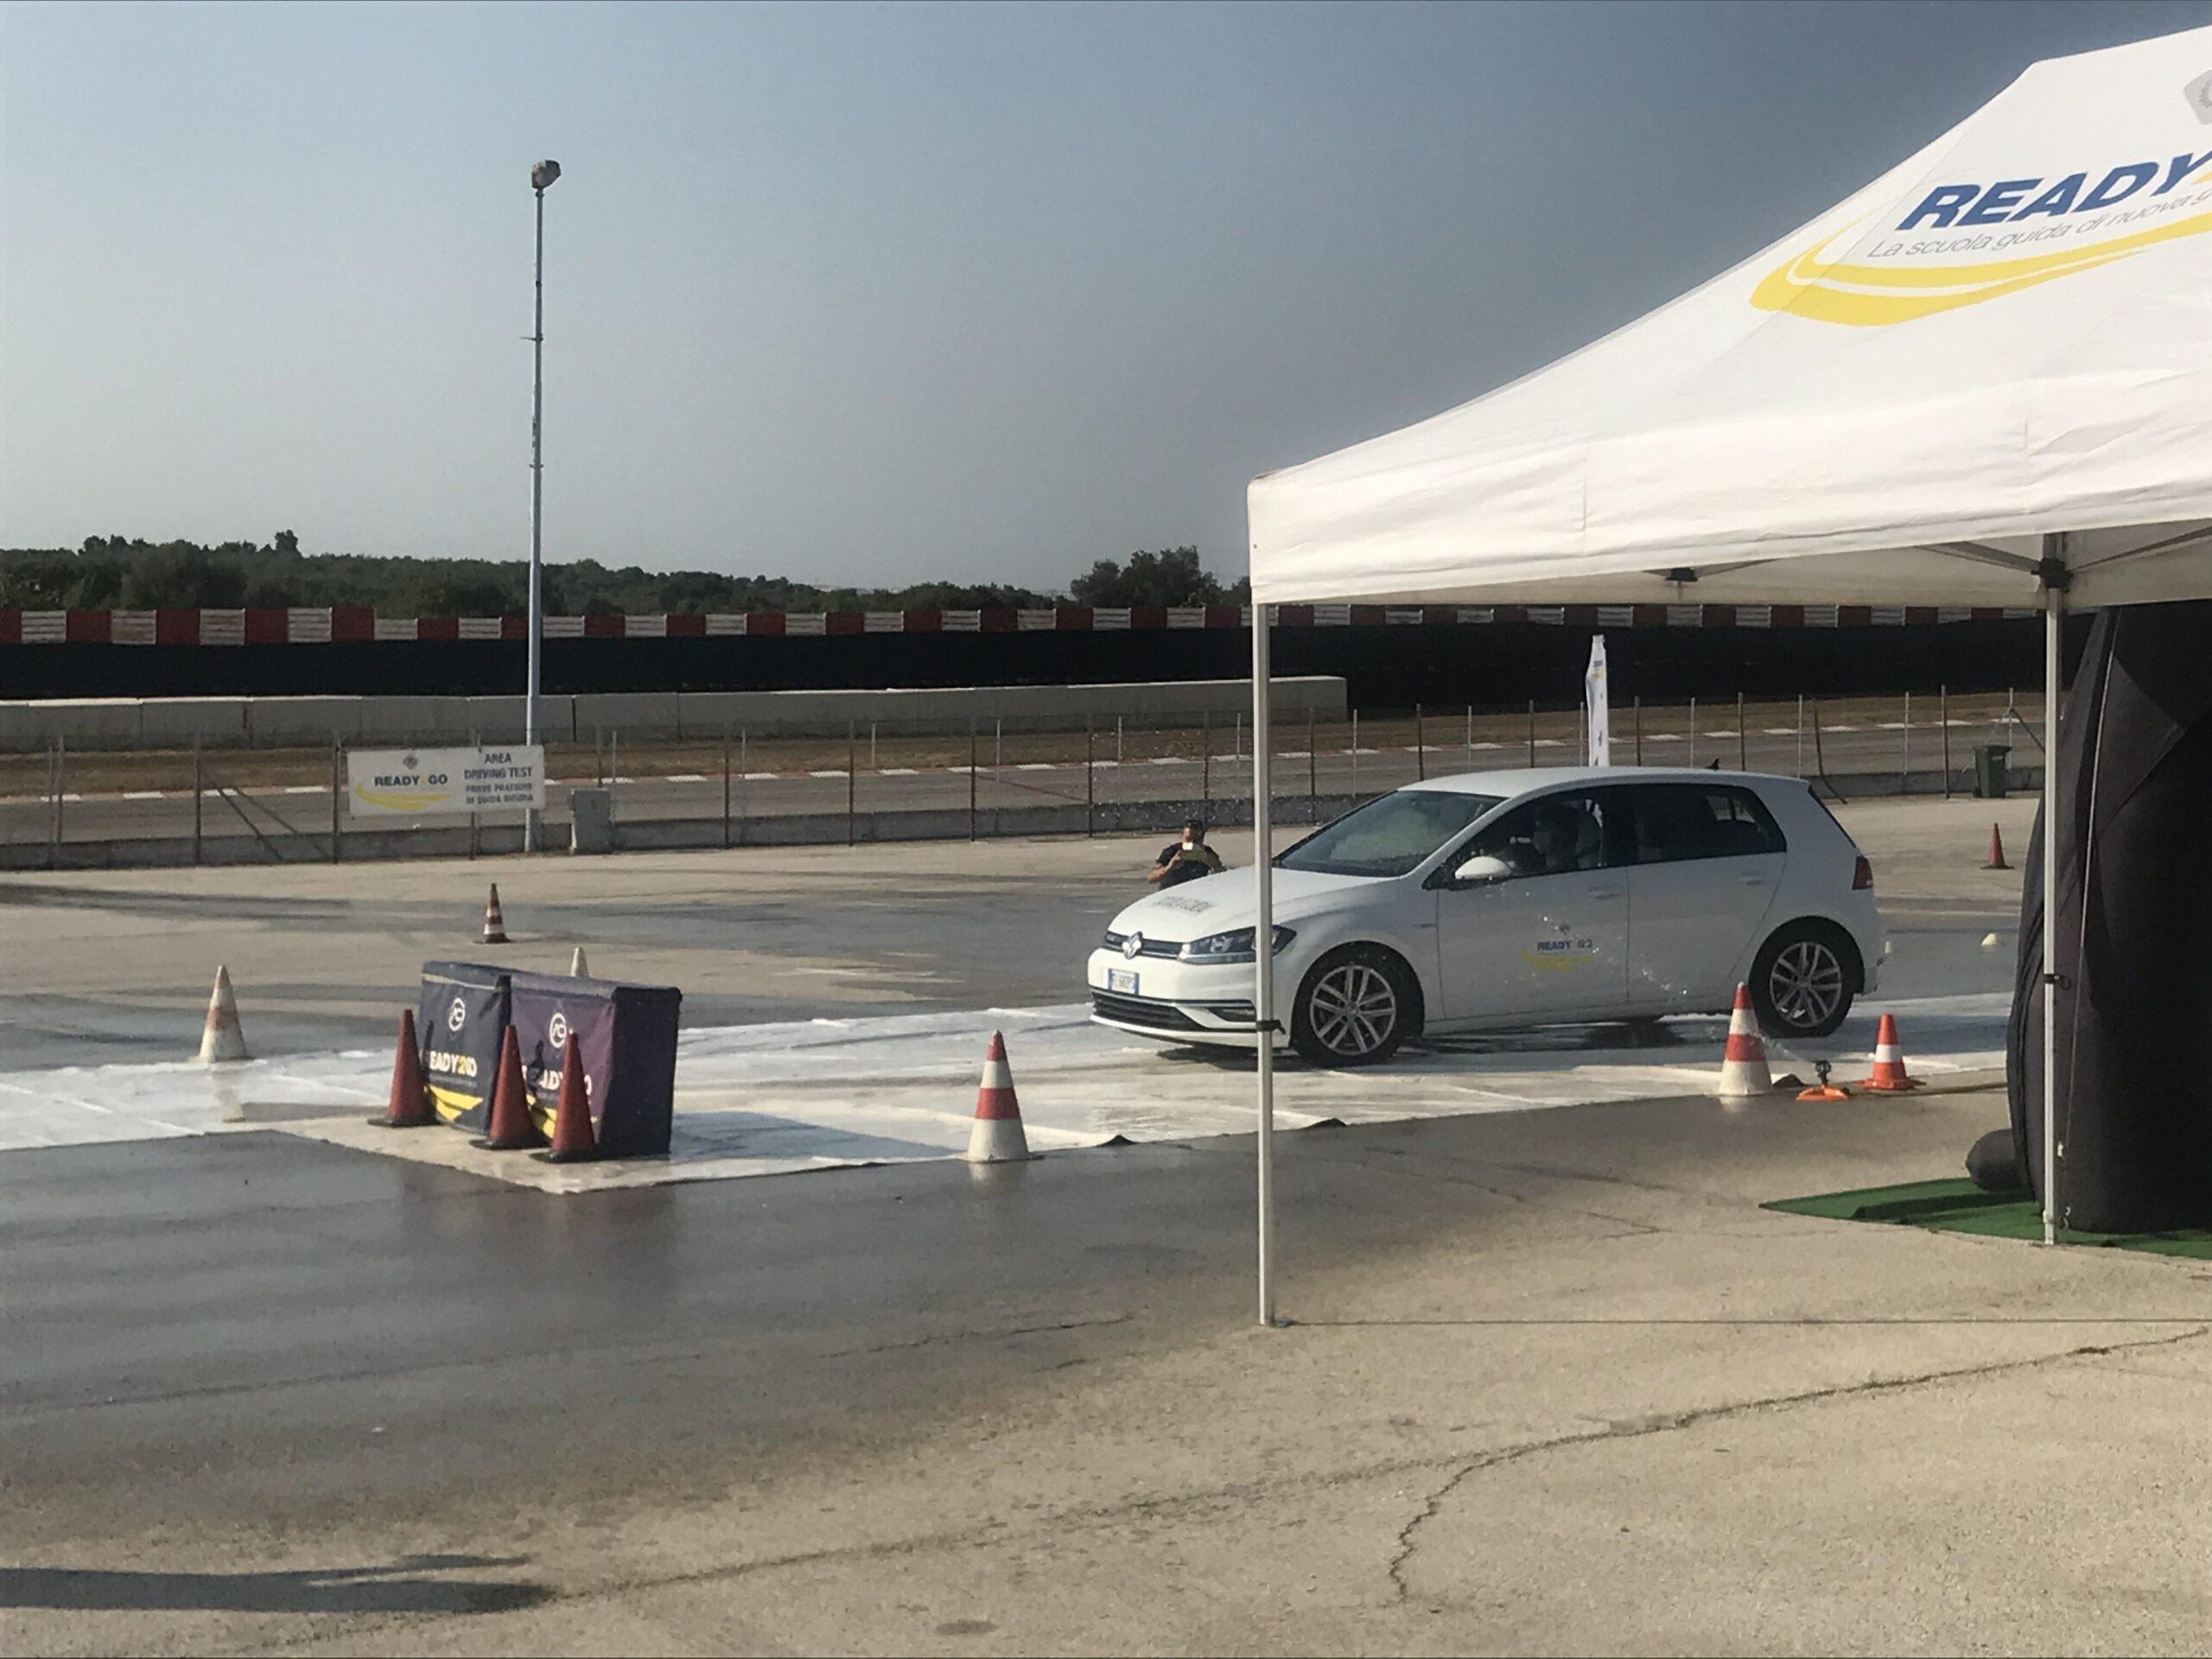 Slalom e prove di frenata: giornata sulla guida sicura firmata Aci Bari-Bat e Ready2Go all'Autodromo del Levante